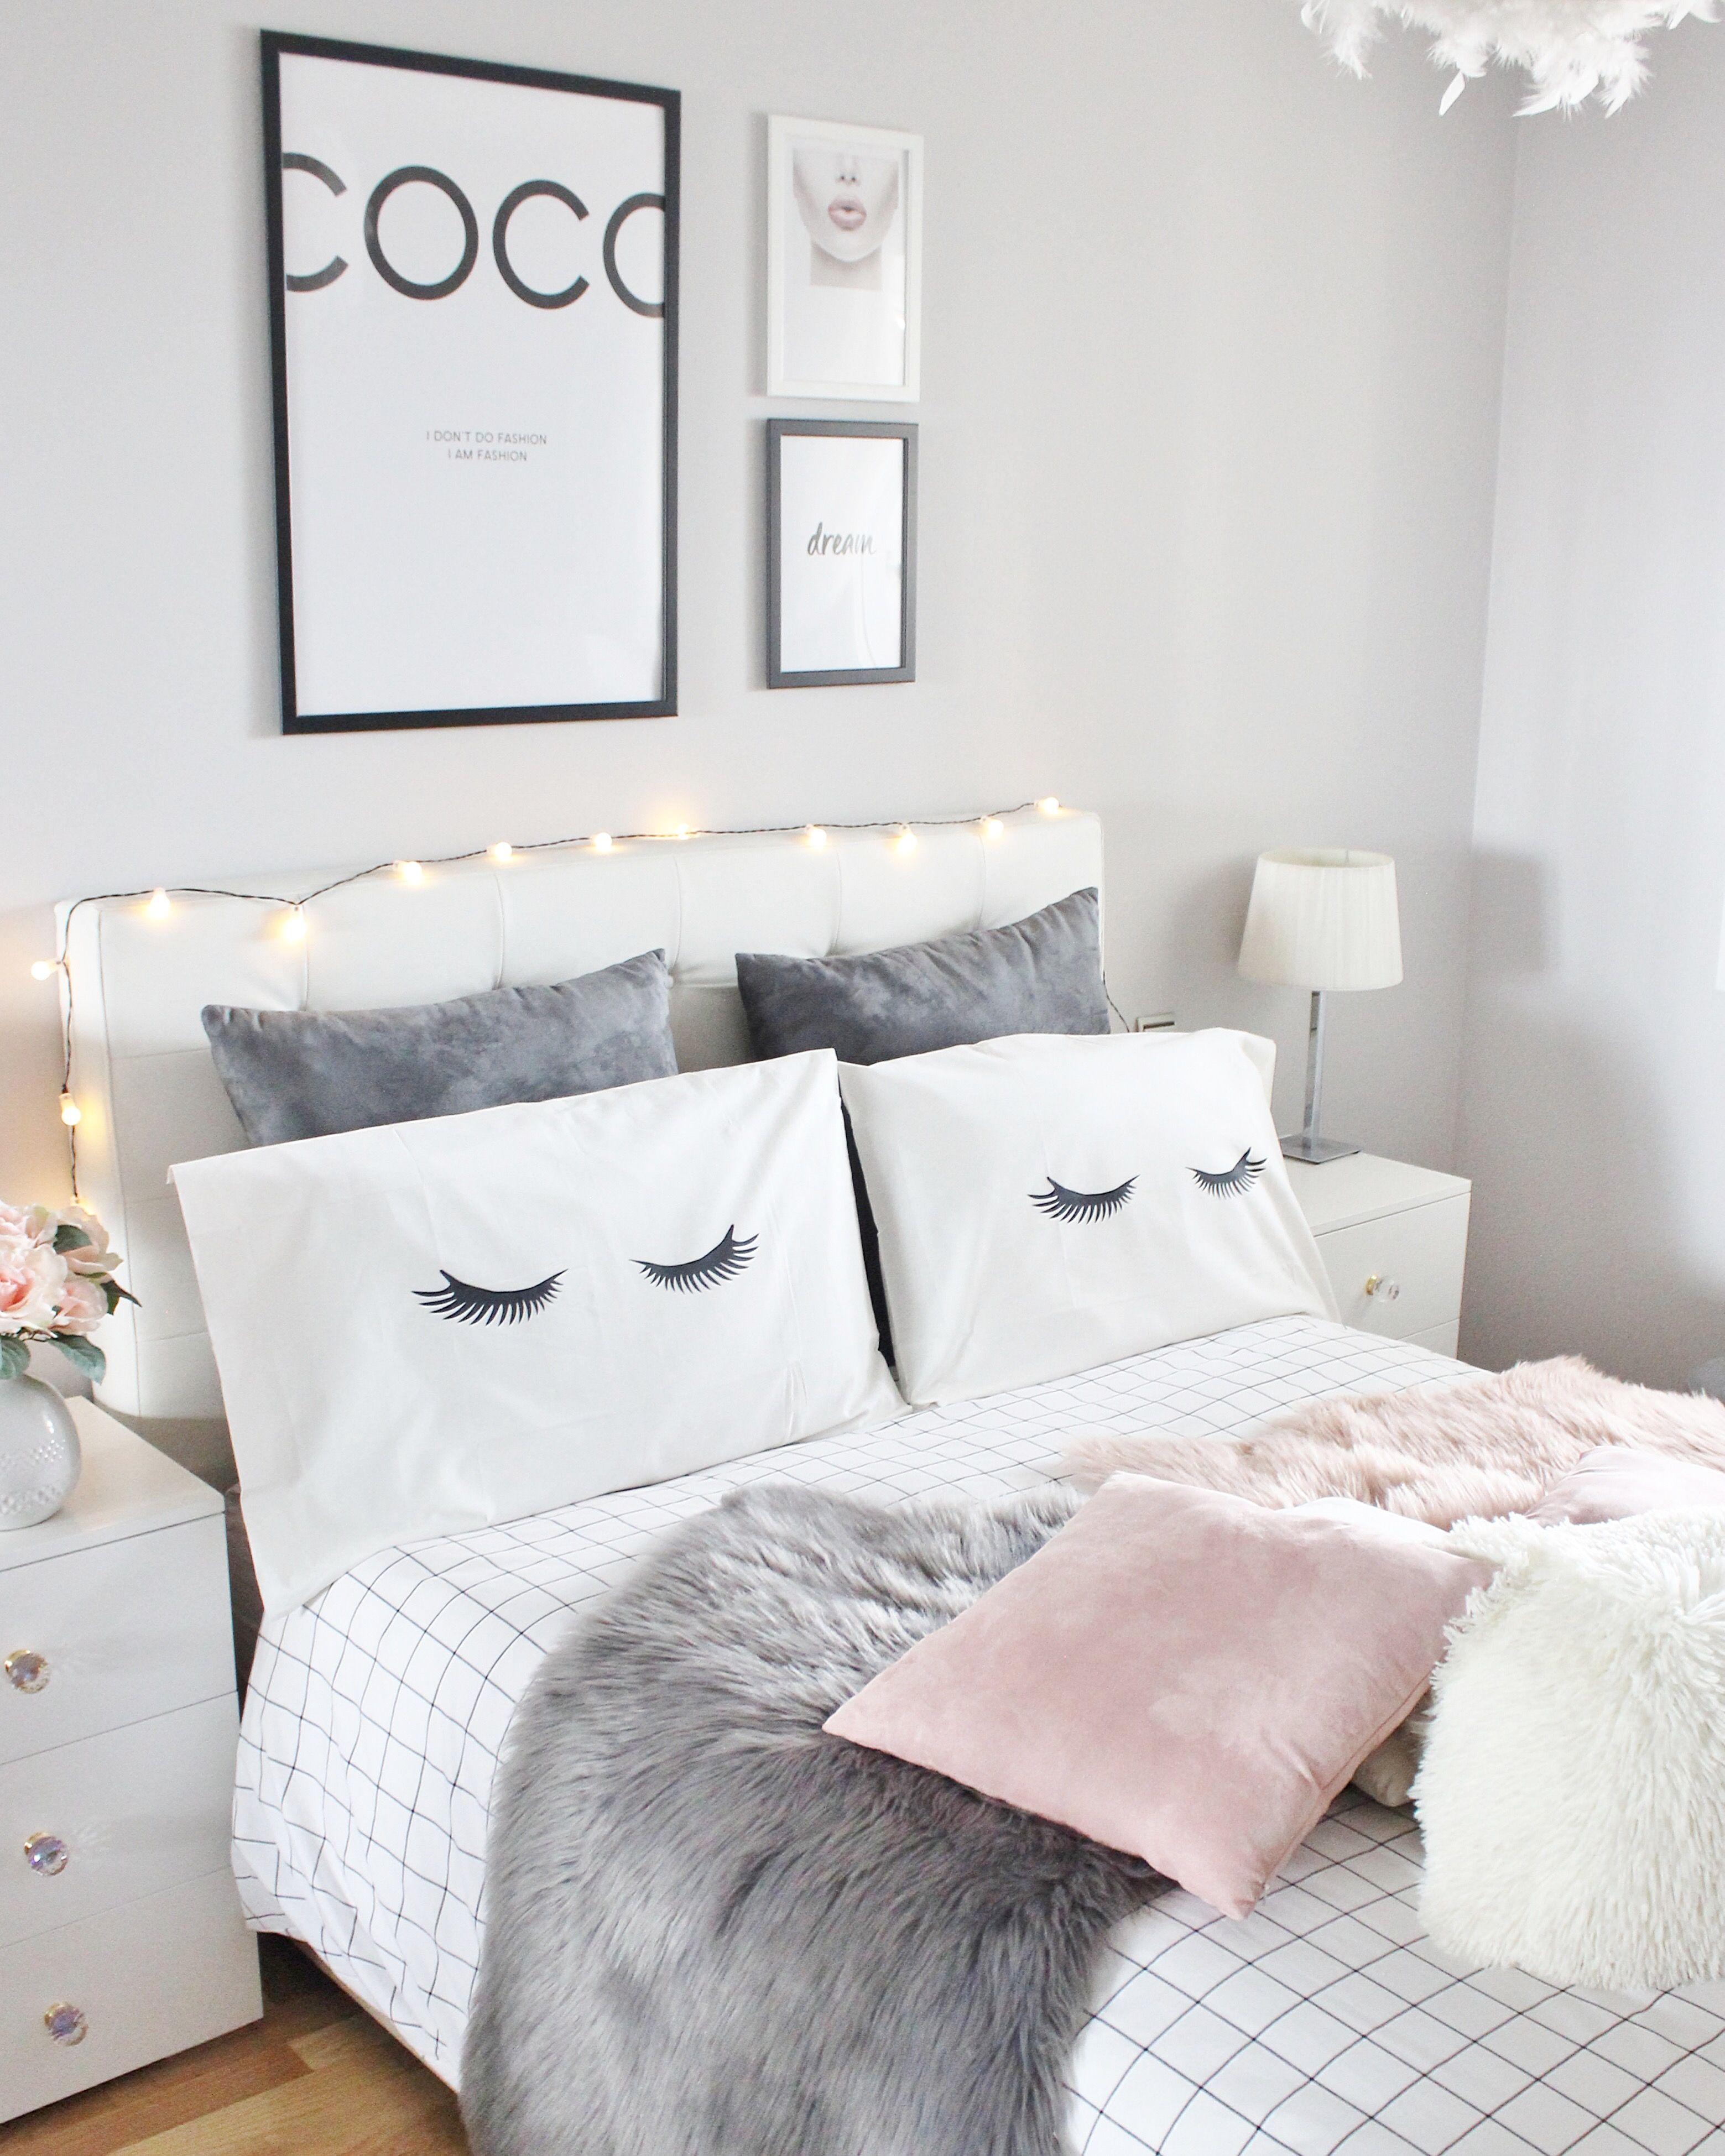 Gris Chambre Ado Fille instagram @laura.e.sanz | idée chambre, décoration chambre